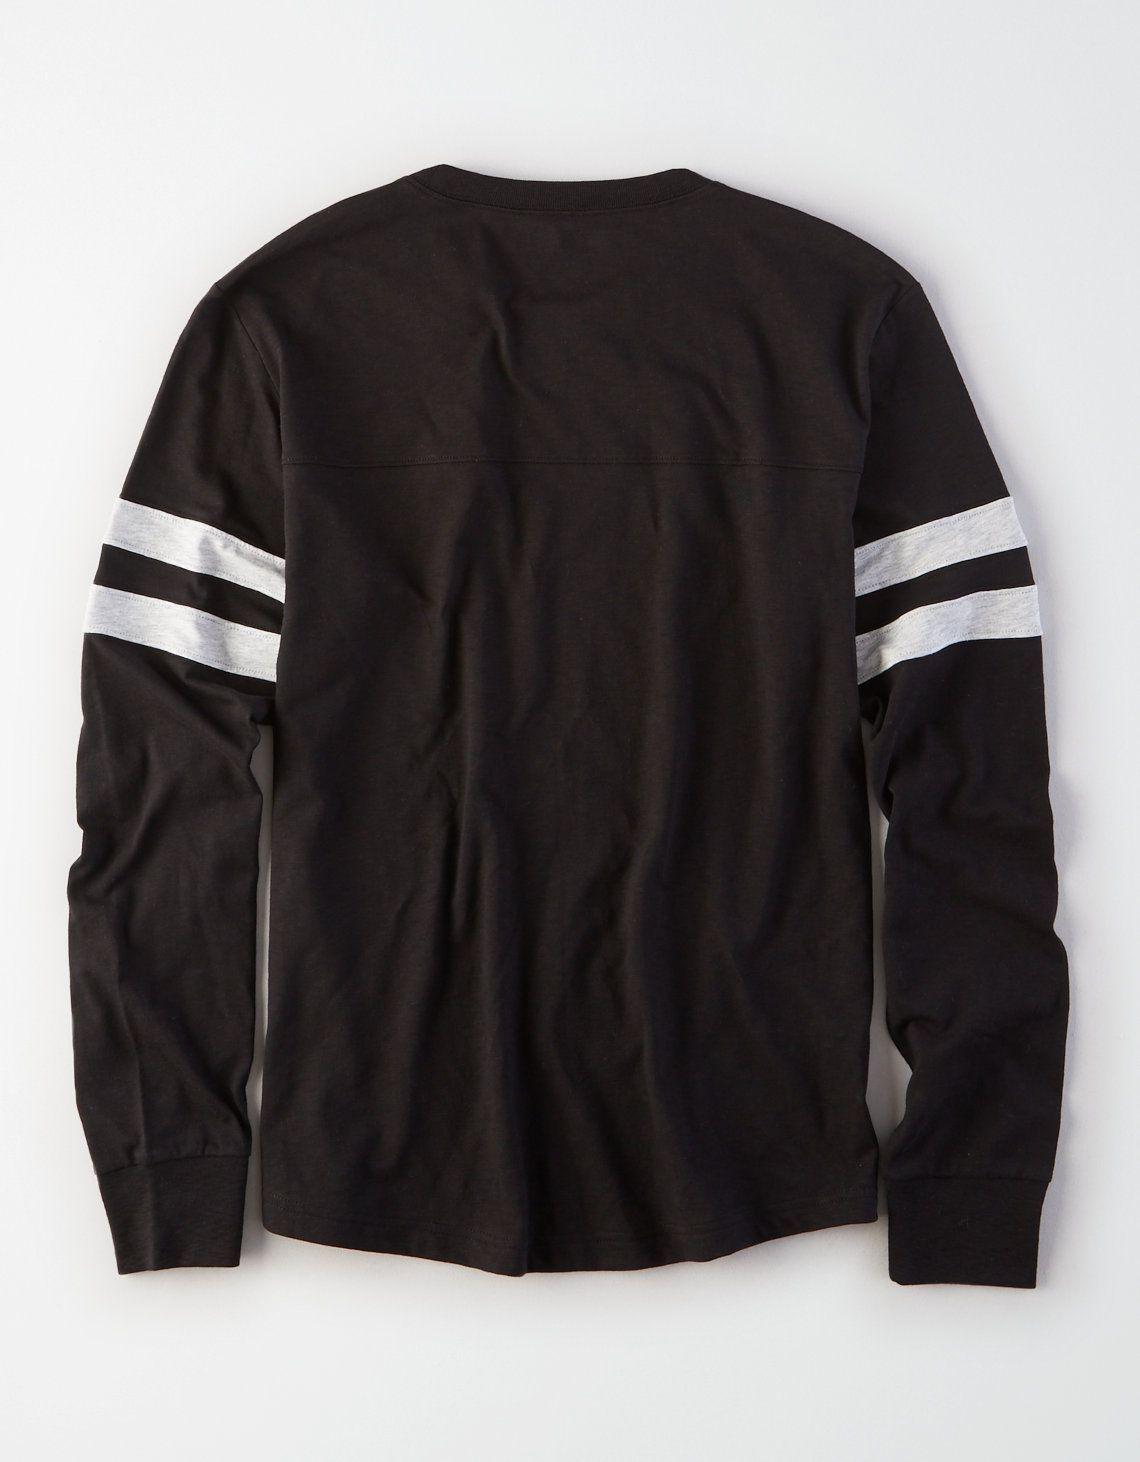 31e66ee1c7e0f6 13 Best T-Shirts for Men 2019 - V-necks